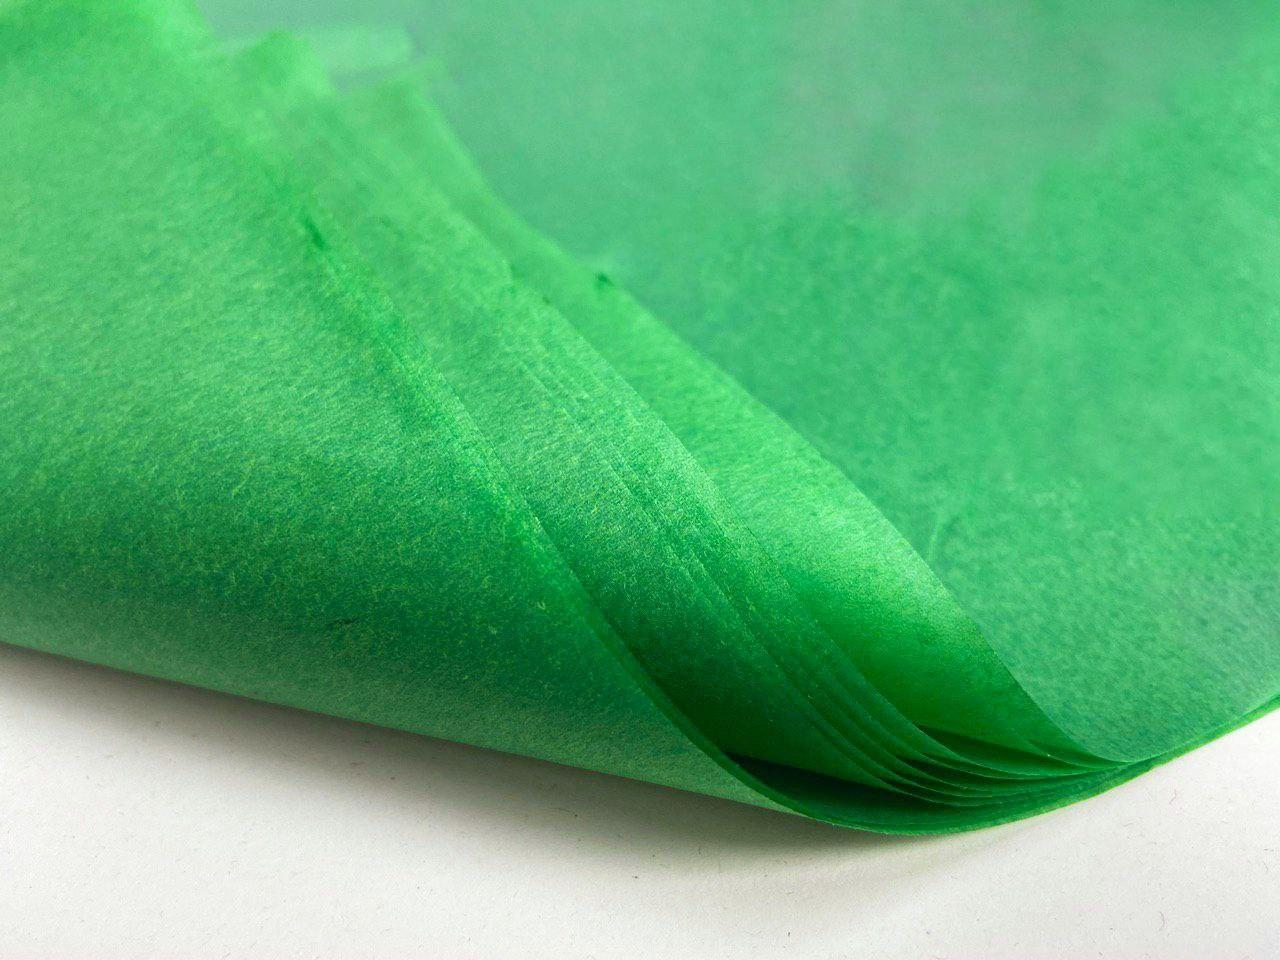 Тишью для оформления подарков. Цвет - Зеленый.